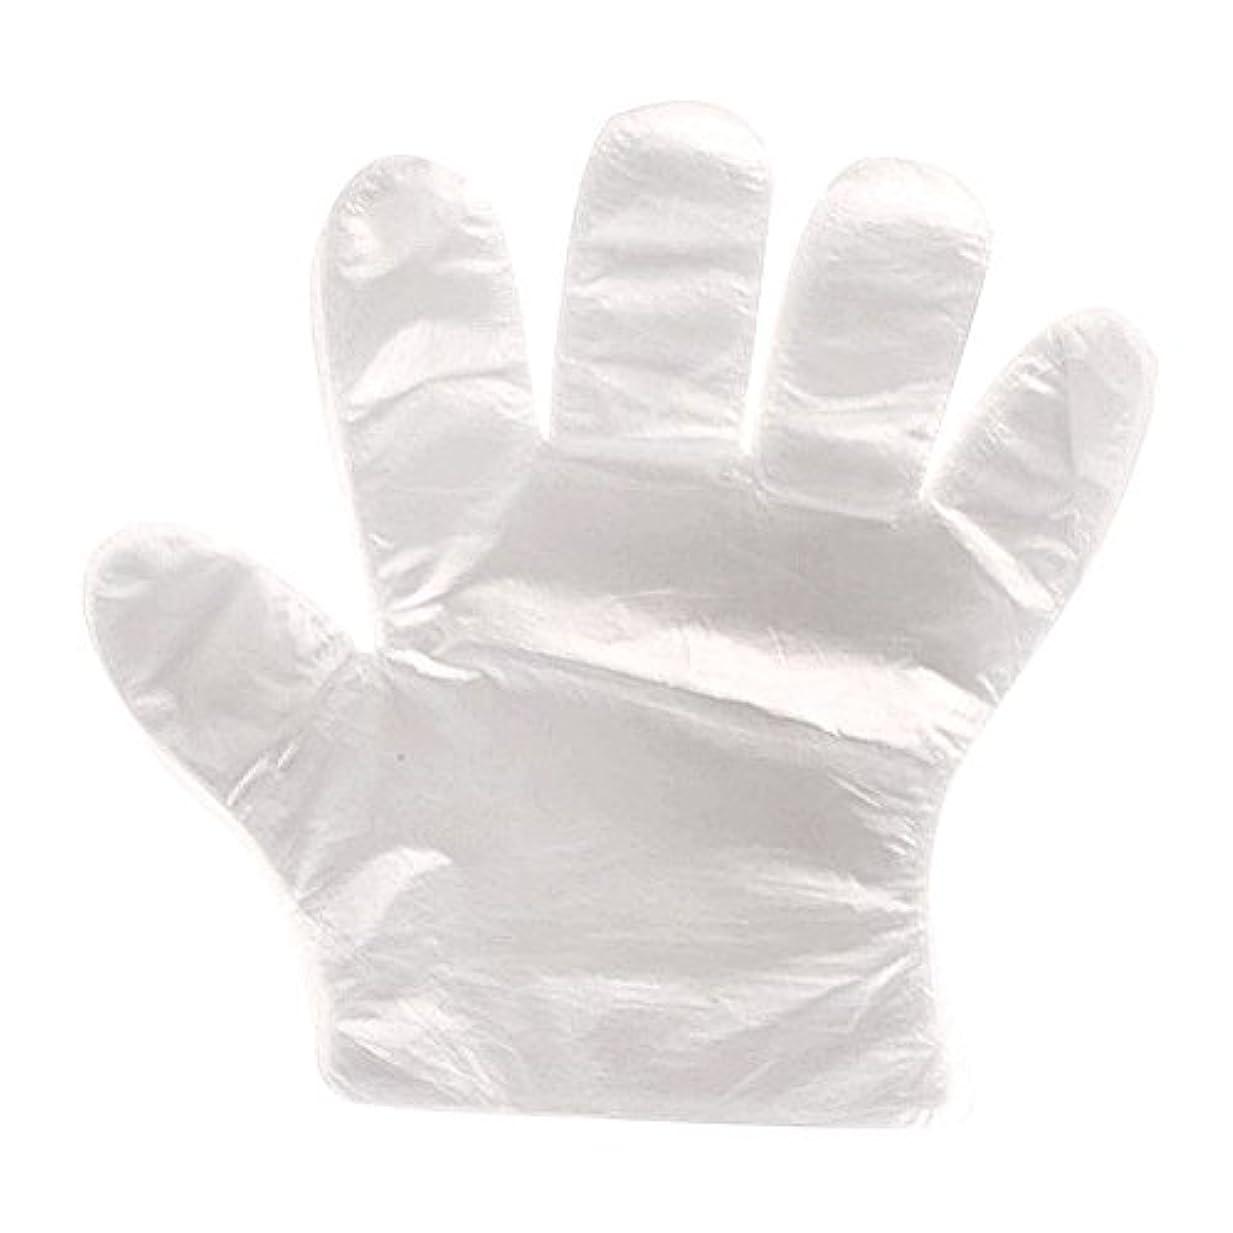 造船パキスタン人たとえBeito 極薄 ビニール手袋 使い捨て手袋 透明手袋 プラスチック手袋 100枚入り